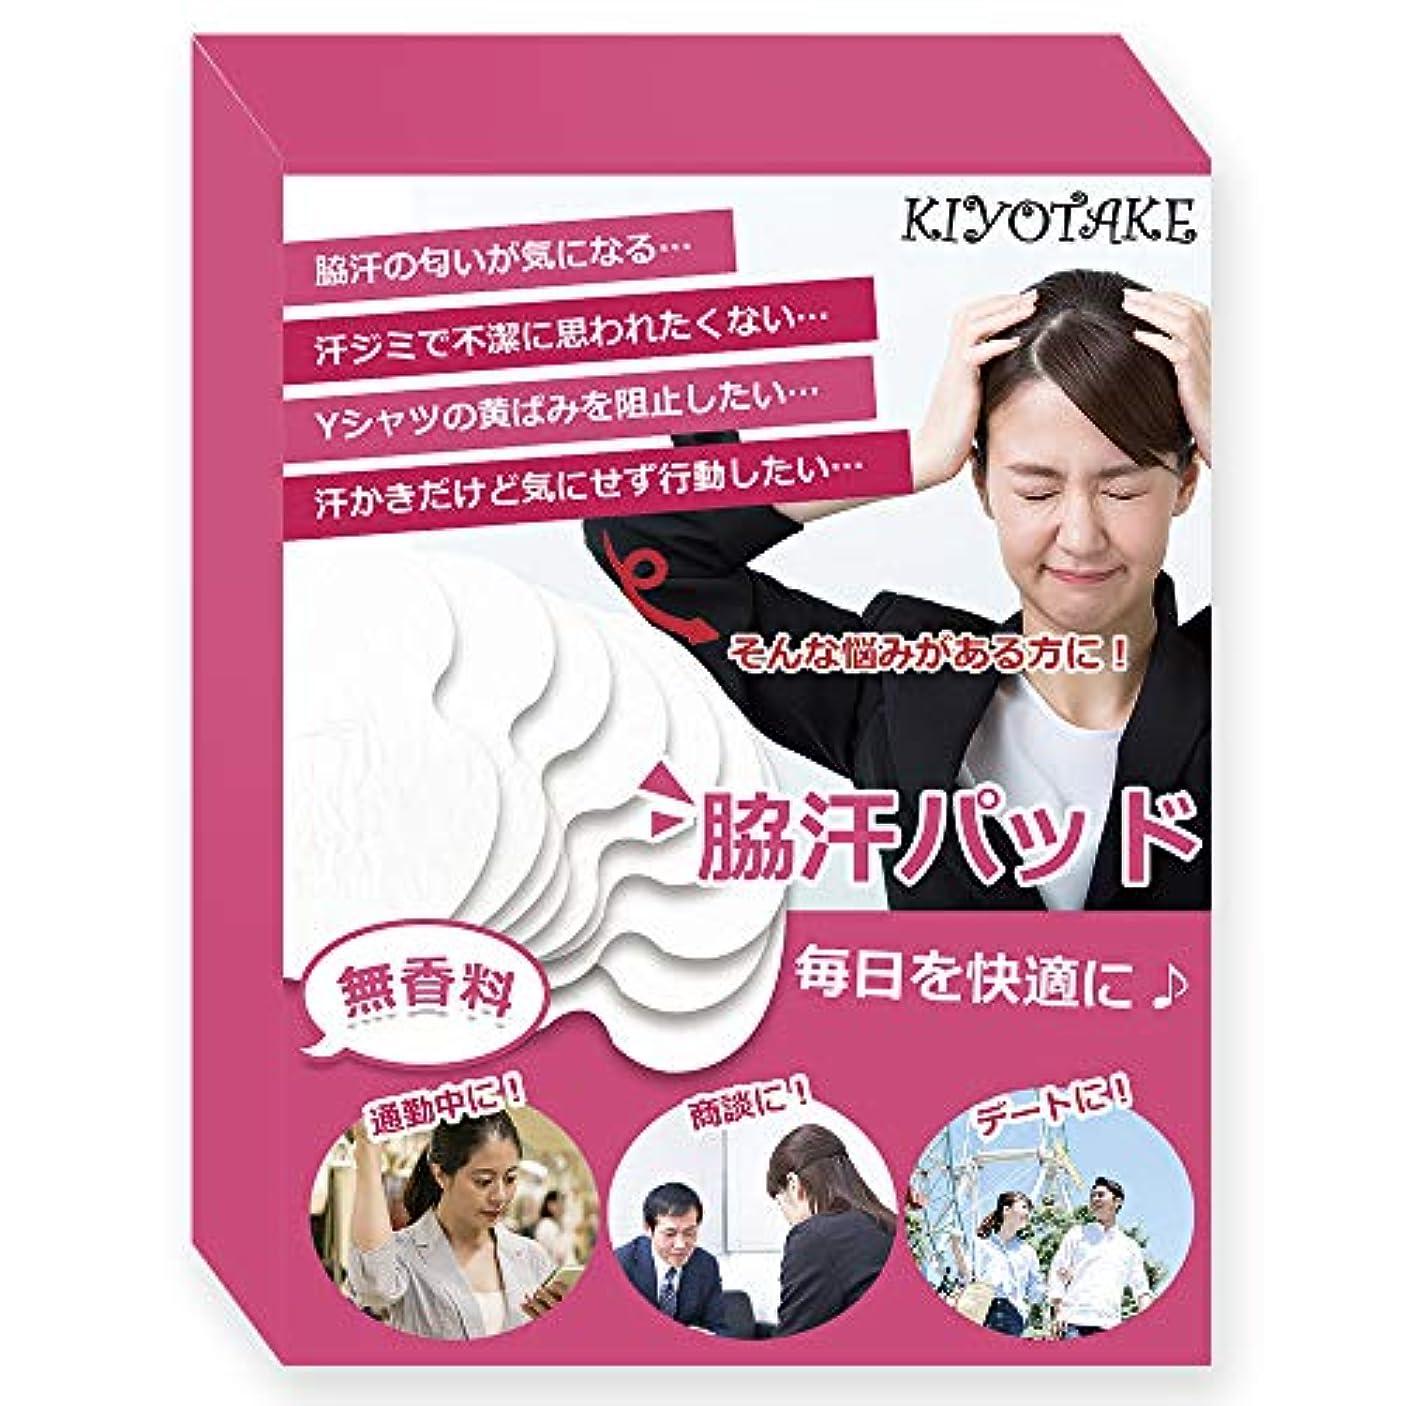 はぁ実験的同一性【kiyotake】 レディース 脇汗パッド 汗取り 汗じみ 防臭 防止 対策 女性用 40枚入り